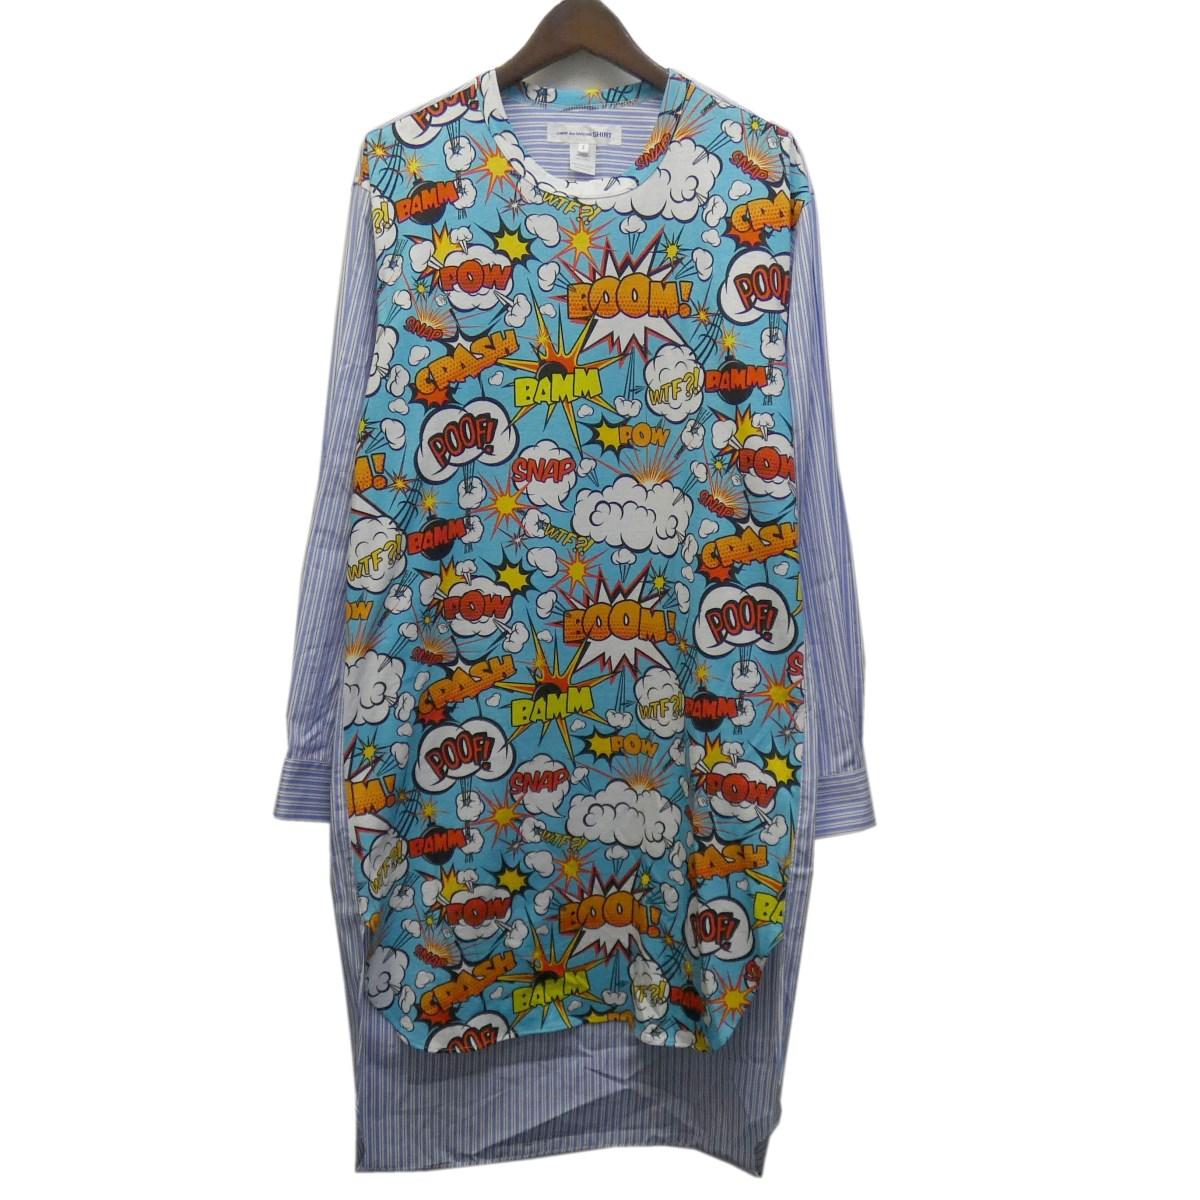 【中古】COMME des GARCONS SHIRT 19AW グラフィック切替ストライプシャツ ブルー×マルチ サイズ:S 【110420】(コムデギャルソンシャツ)